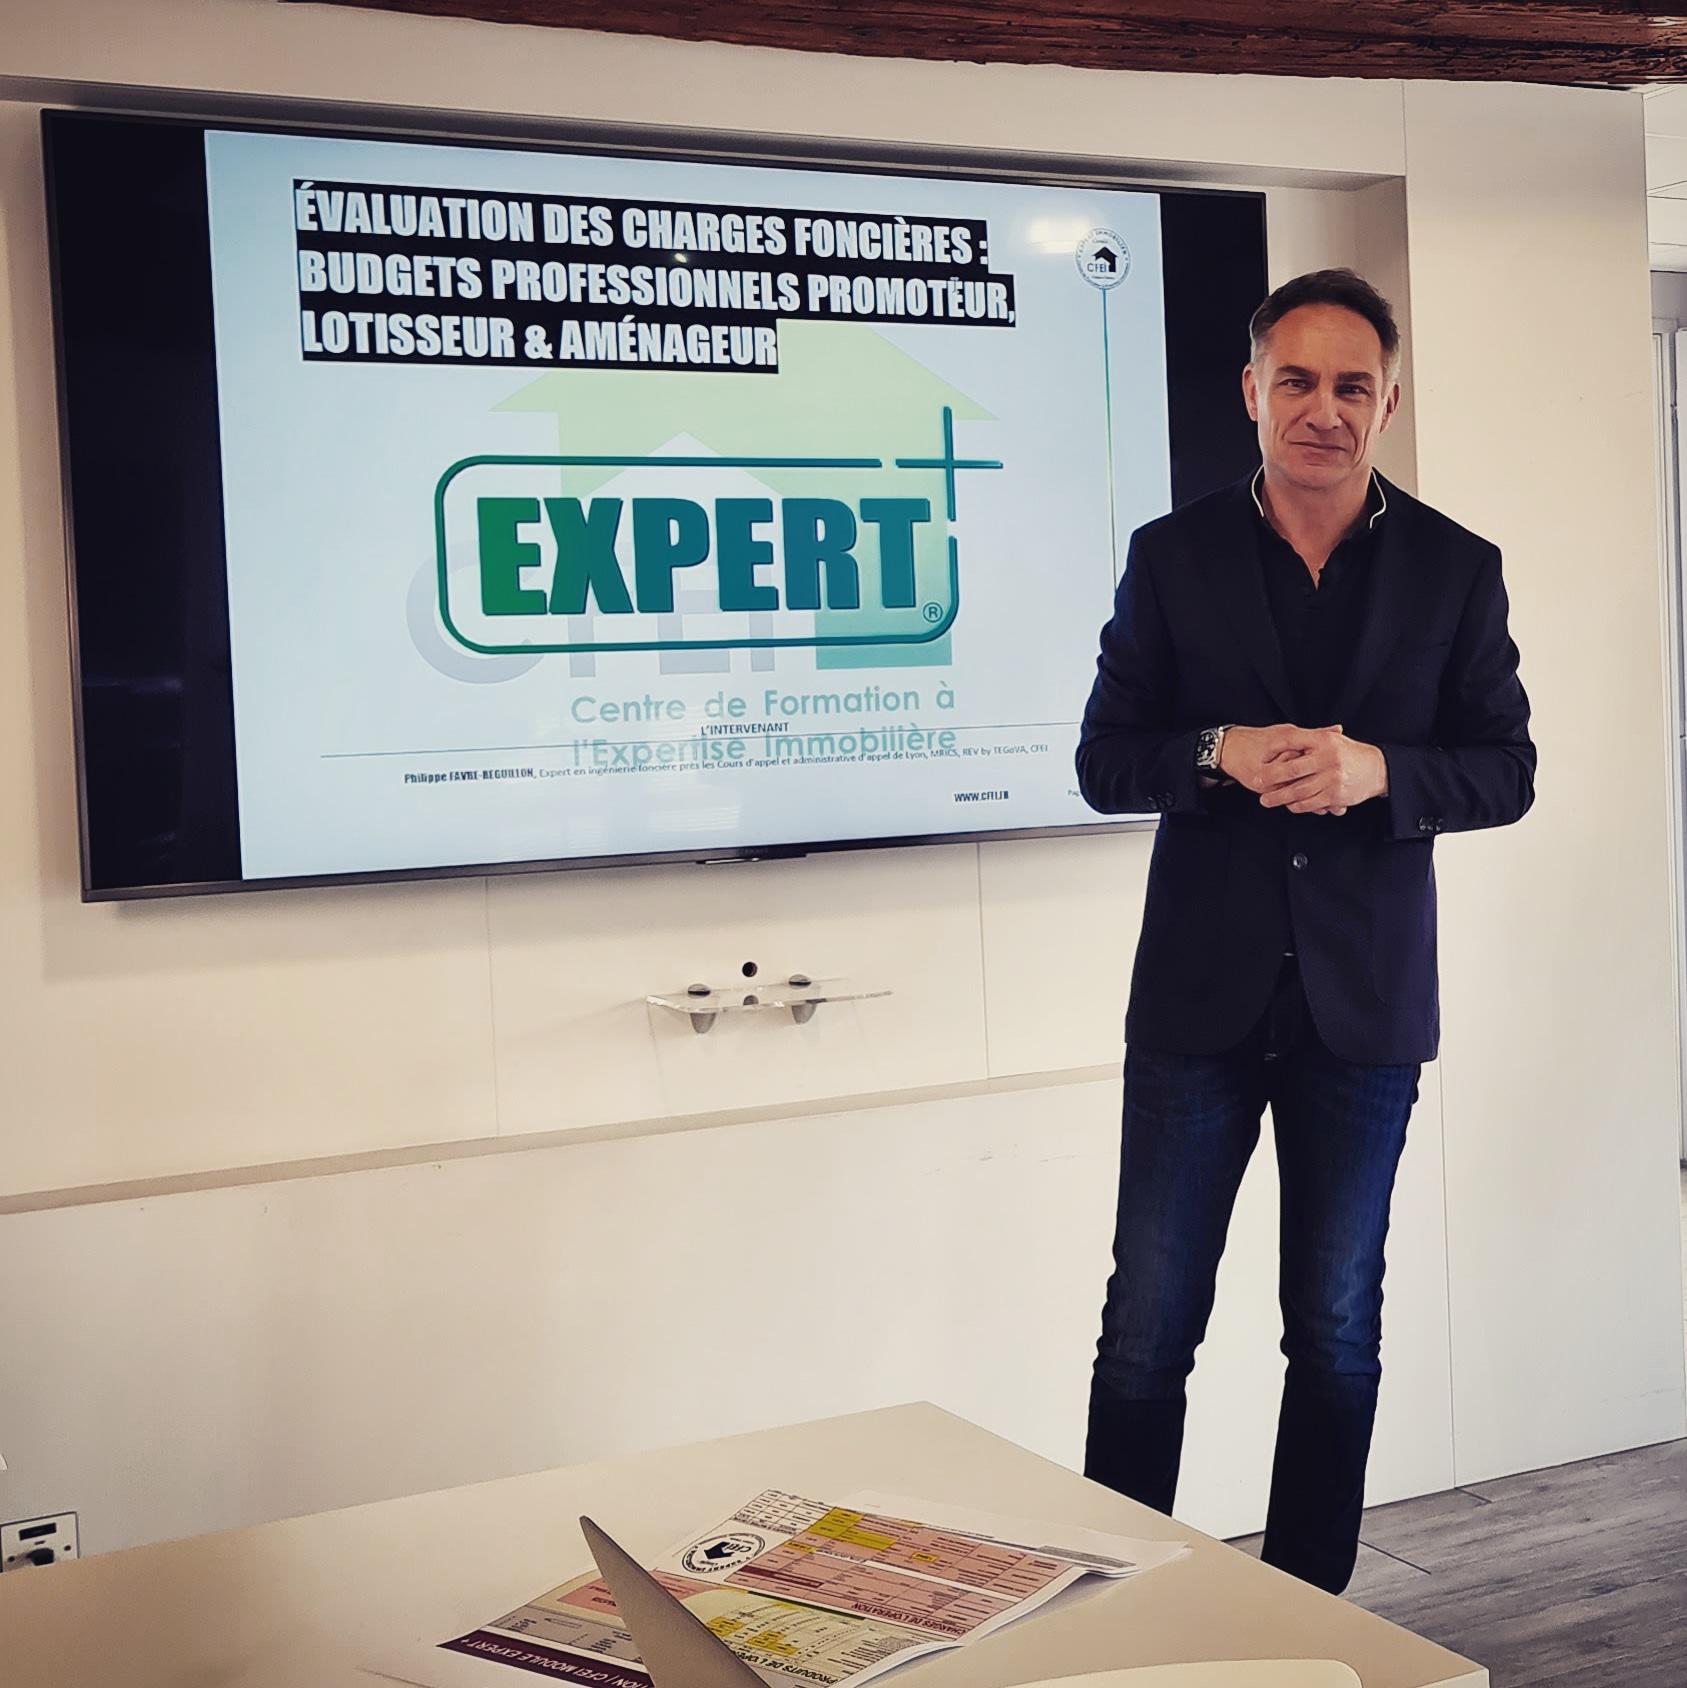 philippe_favre_reguillon_expert_immobilier_specialiste_des_charges_foncières